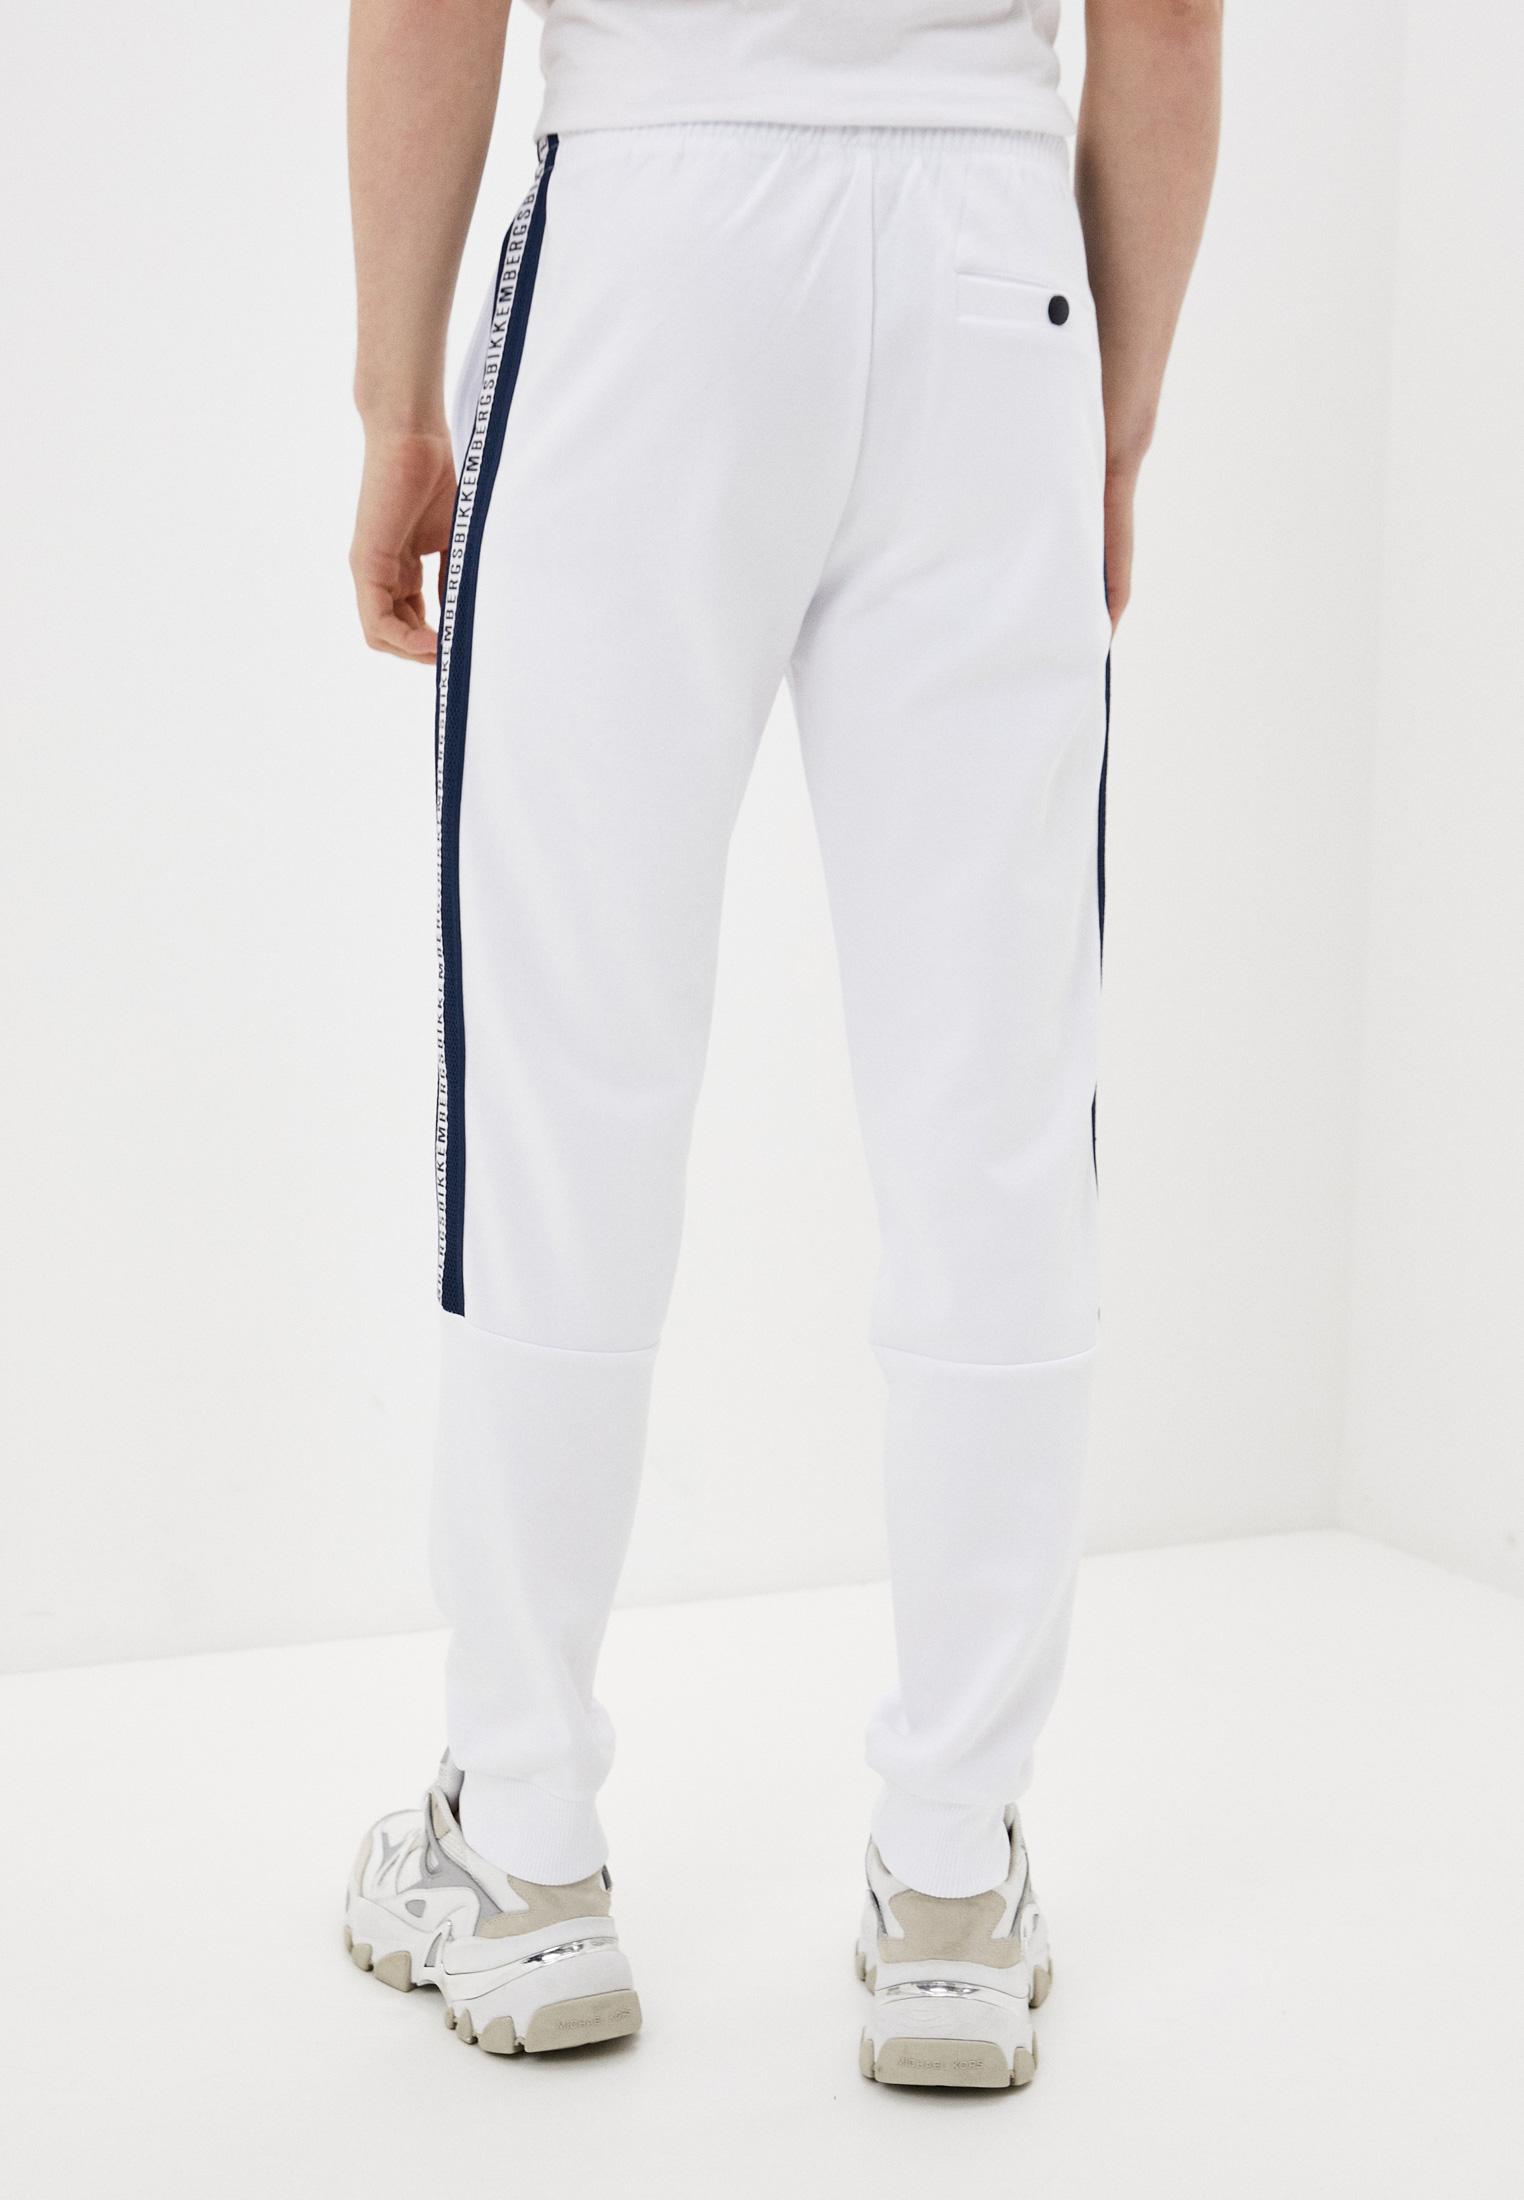 Мужские спортивные брюки Bikkembergs (Биккембергс) C 1 173 80 M 4272: изображение 4